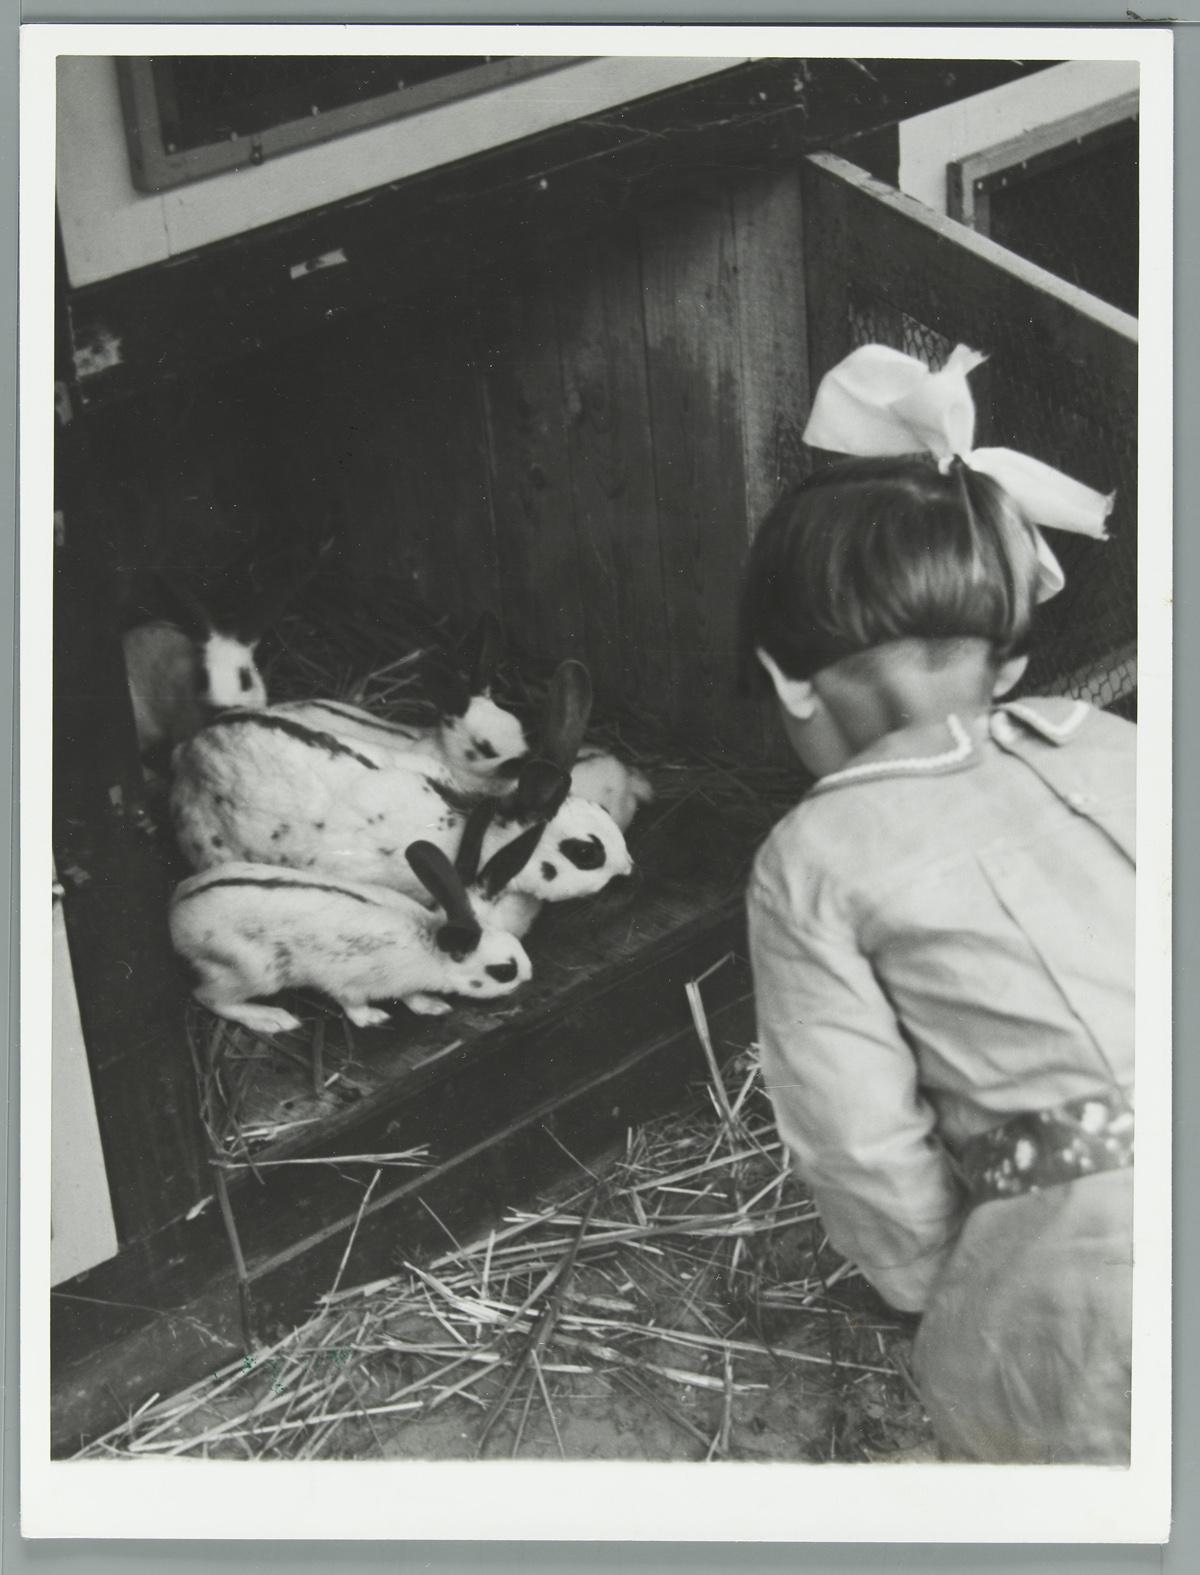 Meisje bij konijnen ras papillons in een hok het geheugen van nederland online beeldbank - Een hok ...